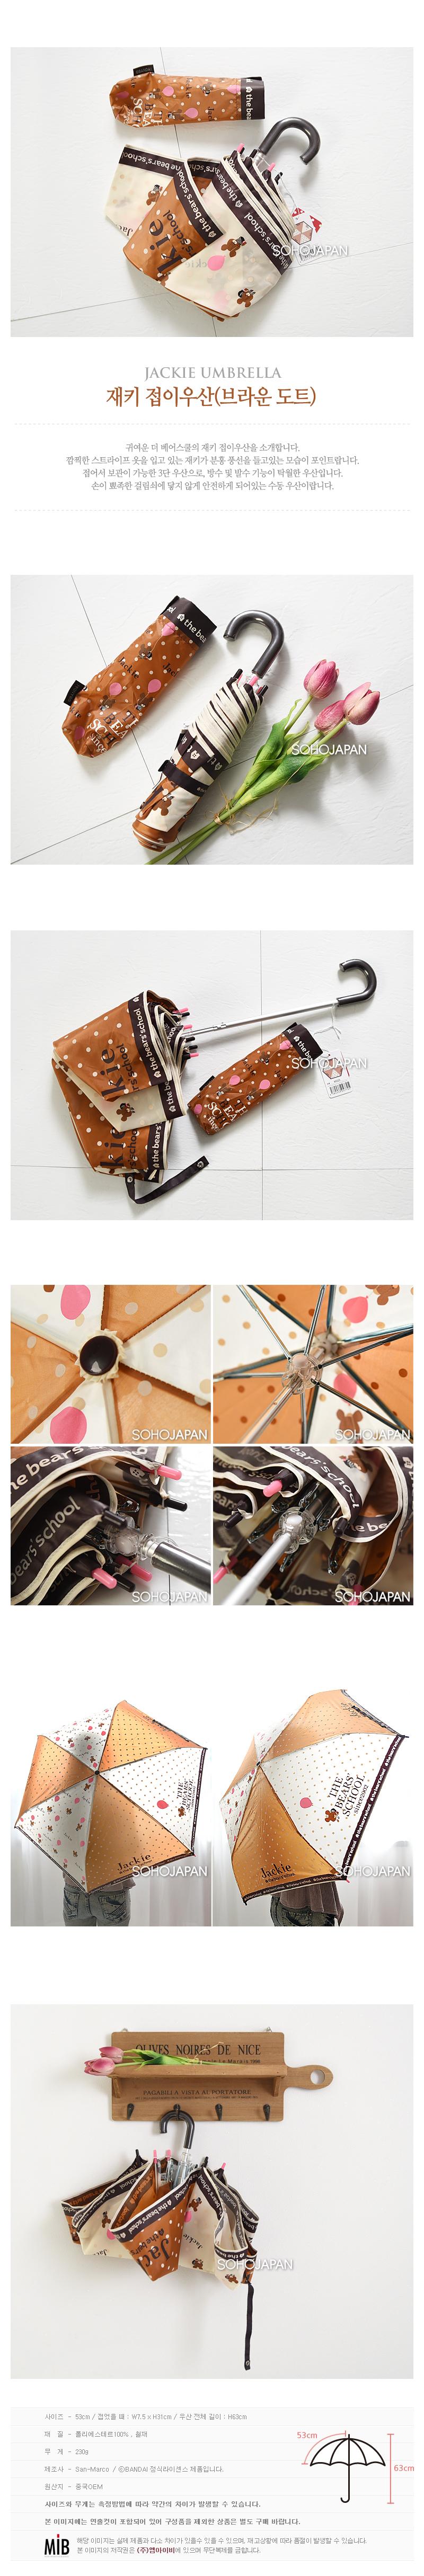 재키 접이우산(브라운 도트) - 썸몰, 26,000원, 우산, 수동3단우산